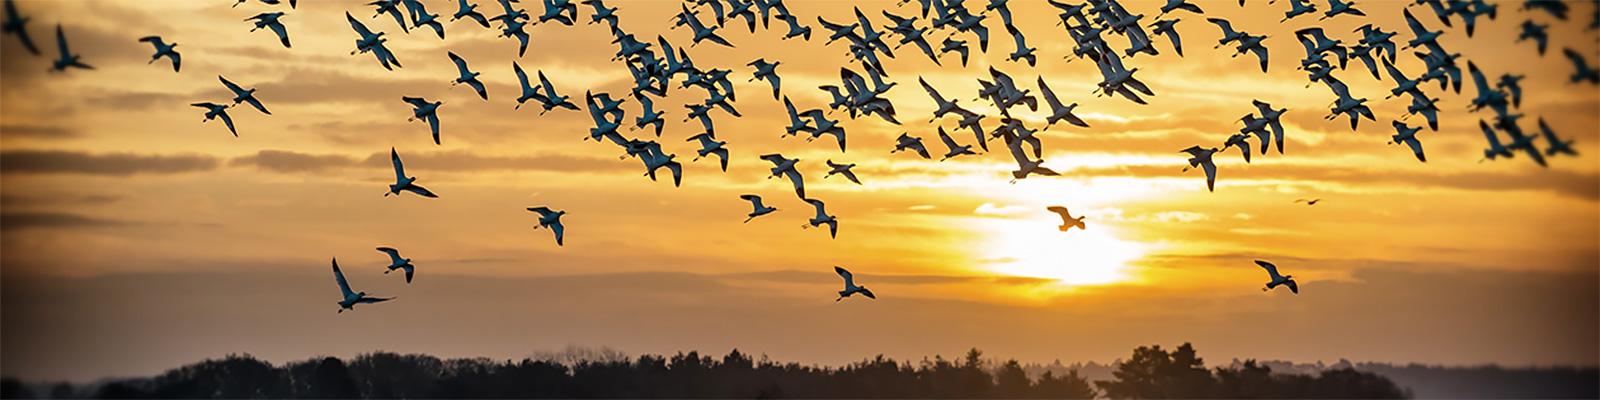 渡り鳥 イメージ